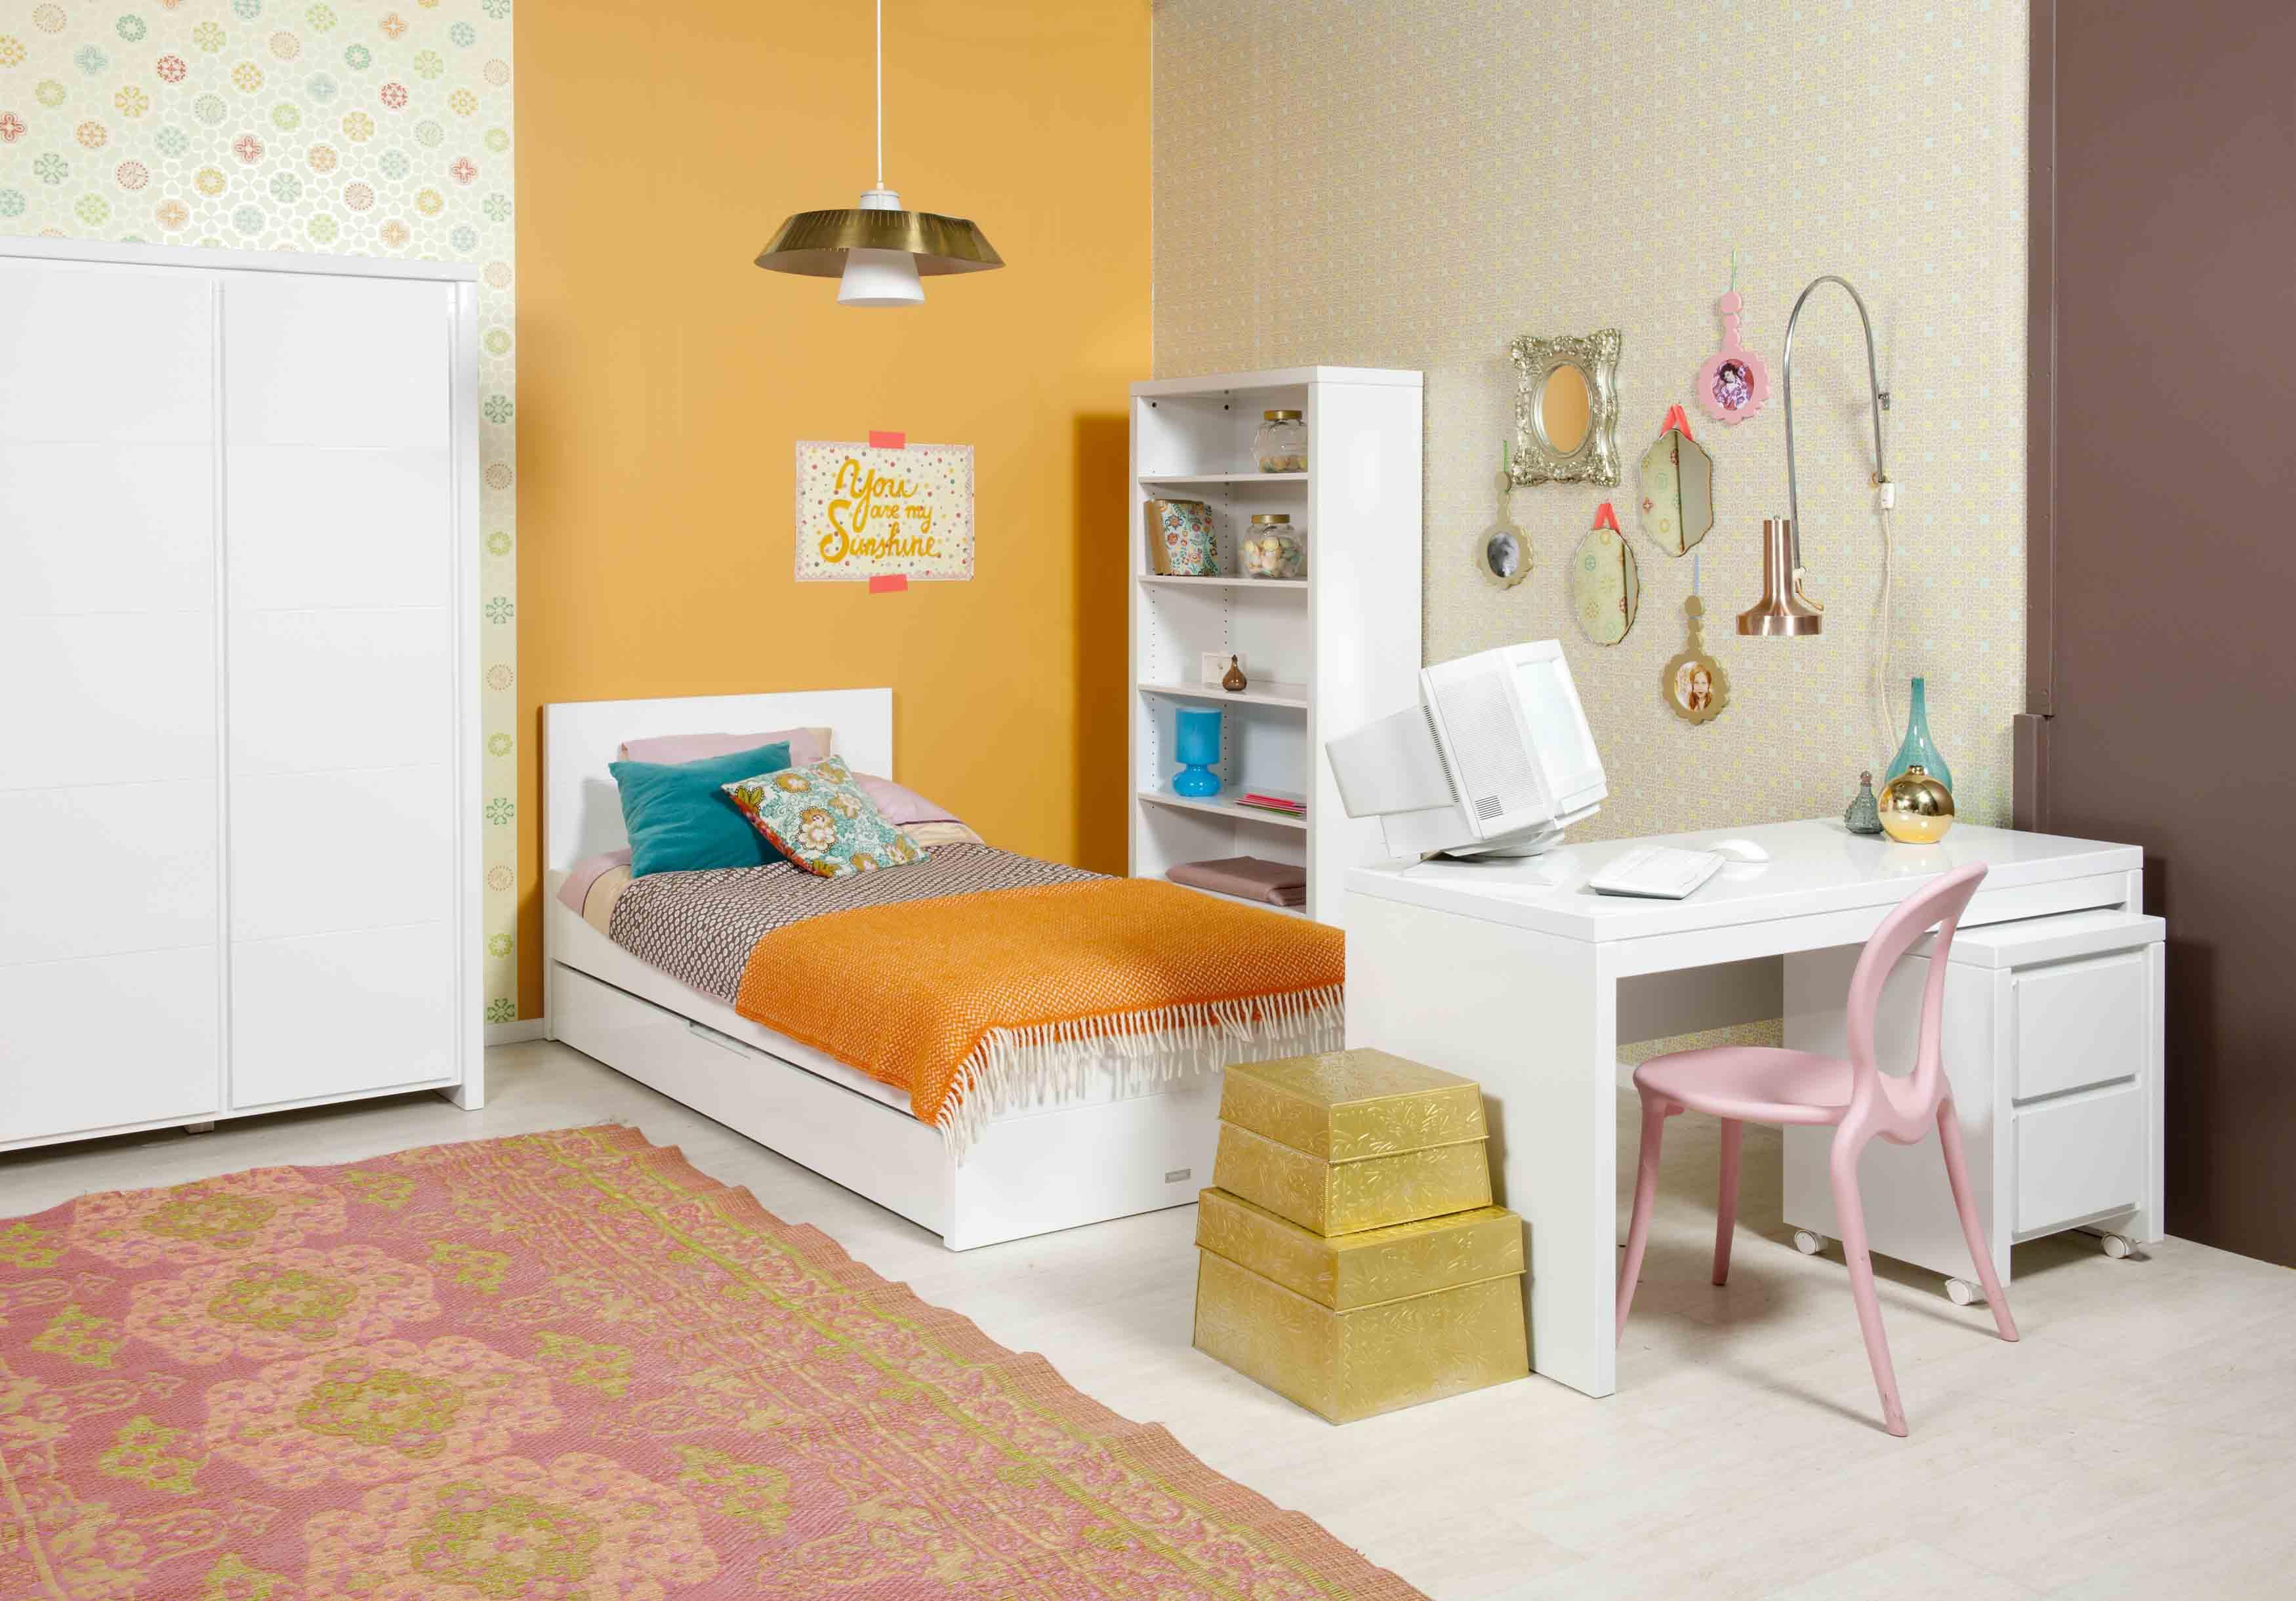 Temperatuur Slaapkamer Baby : Slaapkamer baby temperatuur referenties op huis ontwerp